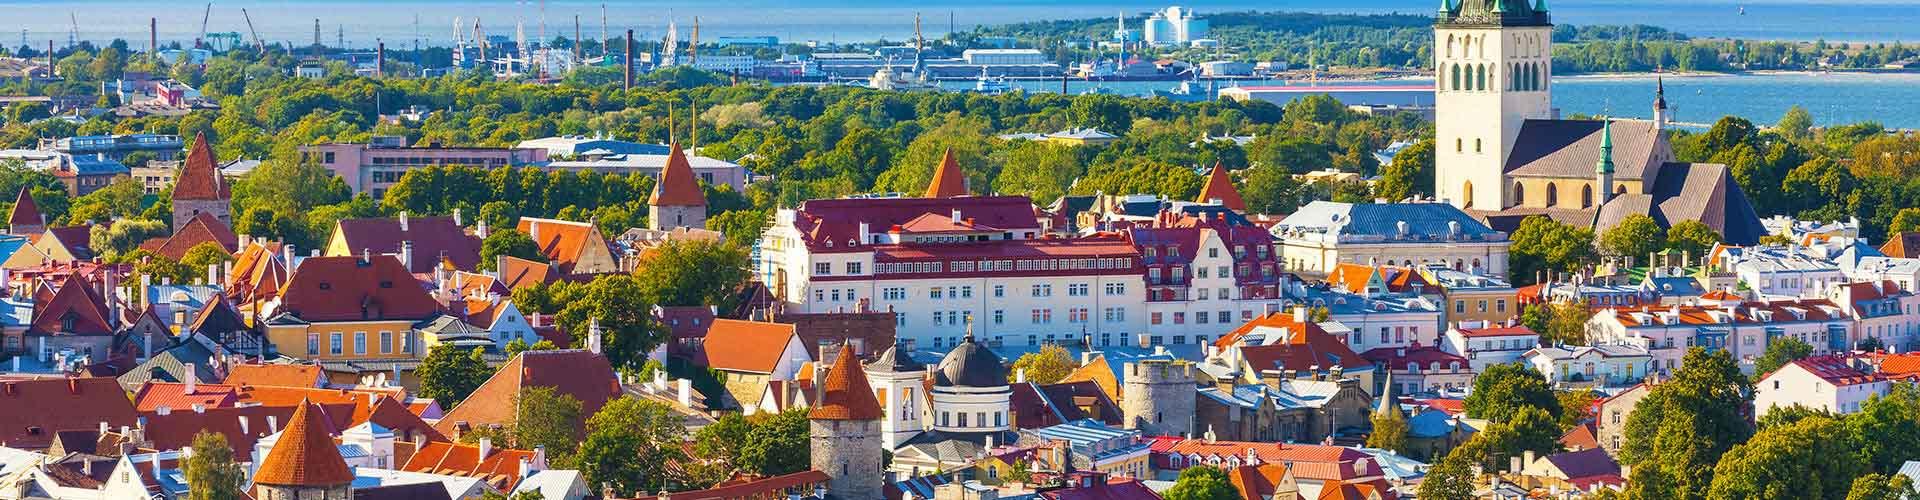 Tallinn - Hostelů v Tallinn. Mapy pro Tallinn, fotky a recenze pro každý hostel v Tallinn.